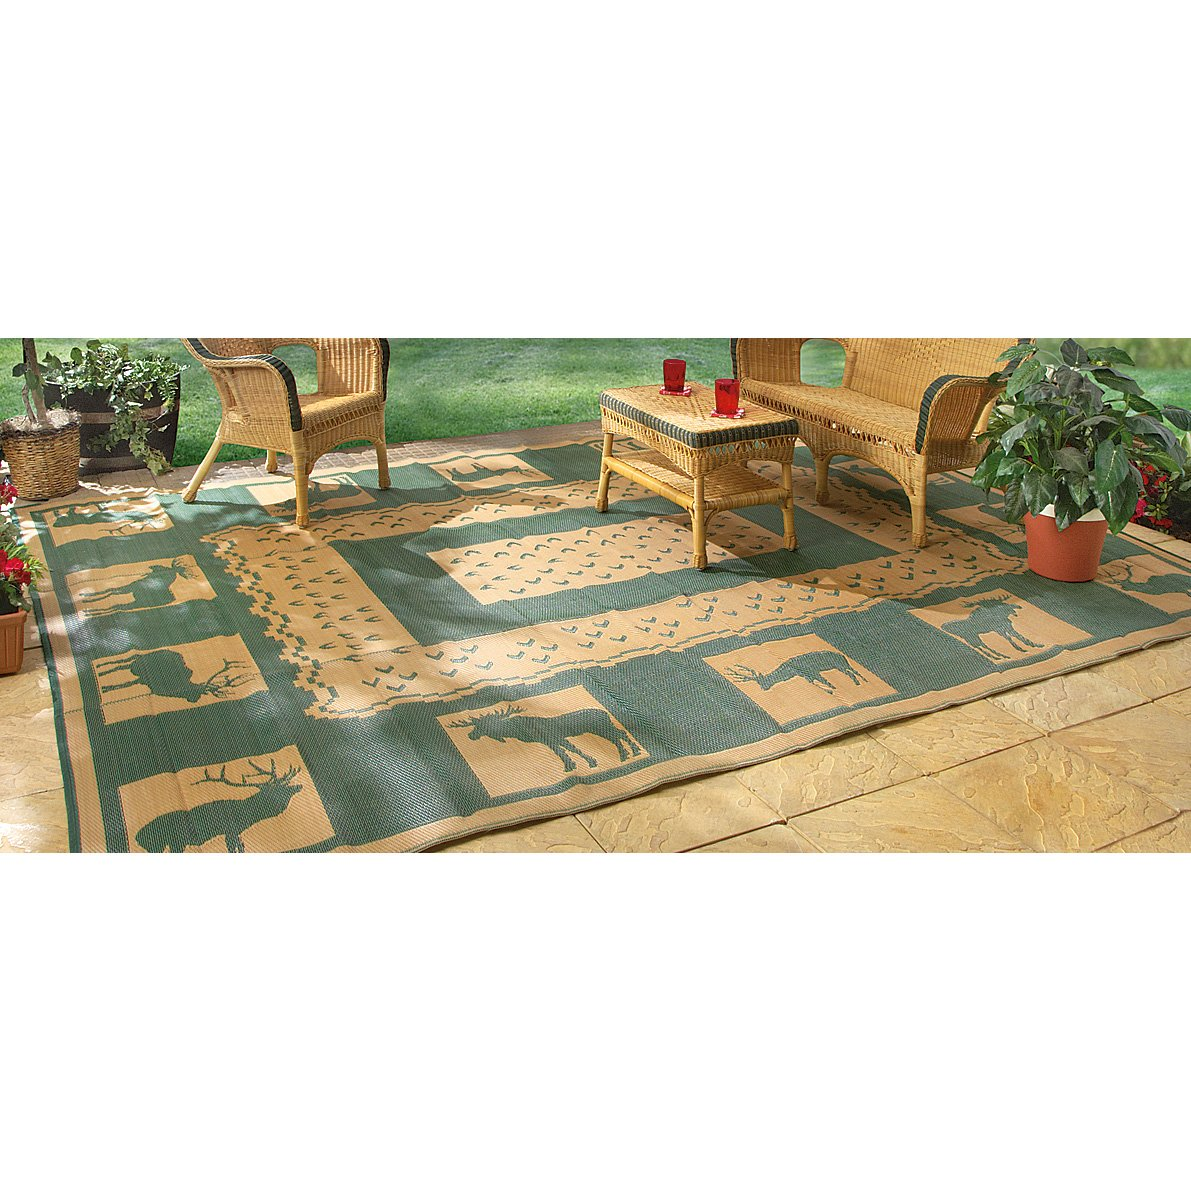 Superbe Amazon.com : Guide Gear 6u0027 X 9u0027 Reversible Lodge Patio Mat Khaki / Hunter  Green : Outdoor Carpet : Garden U0026 Outdoor